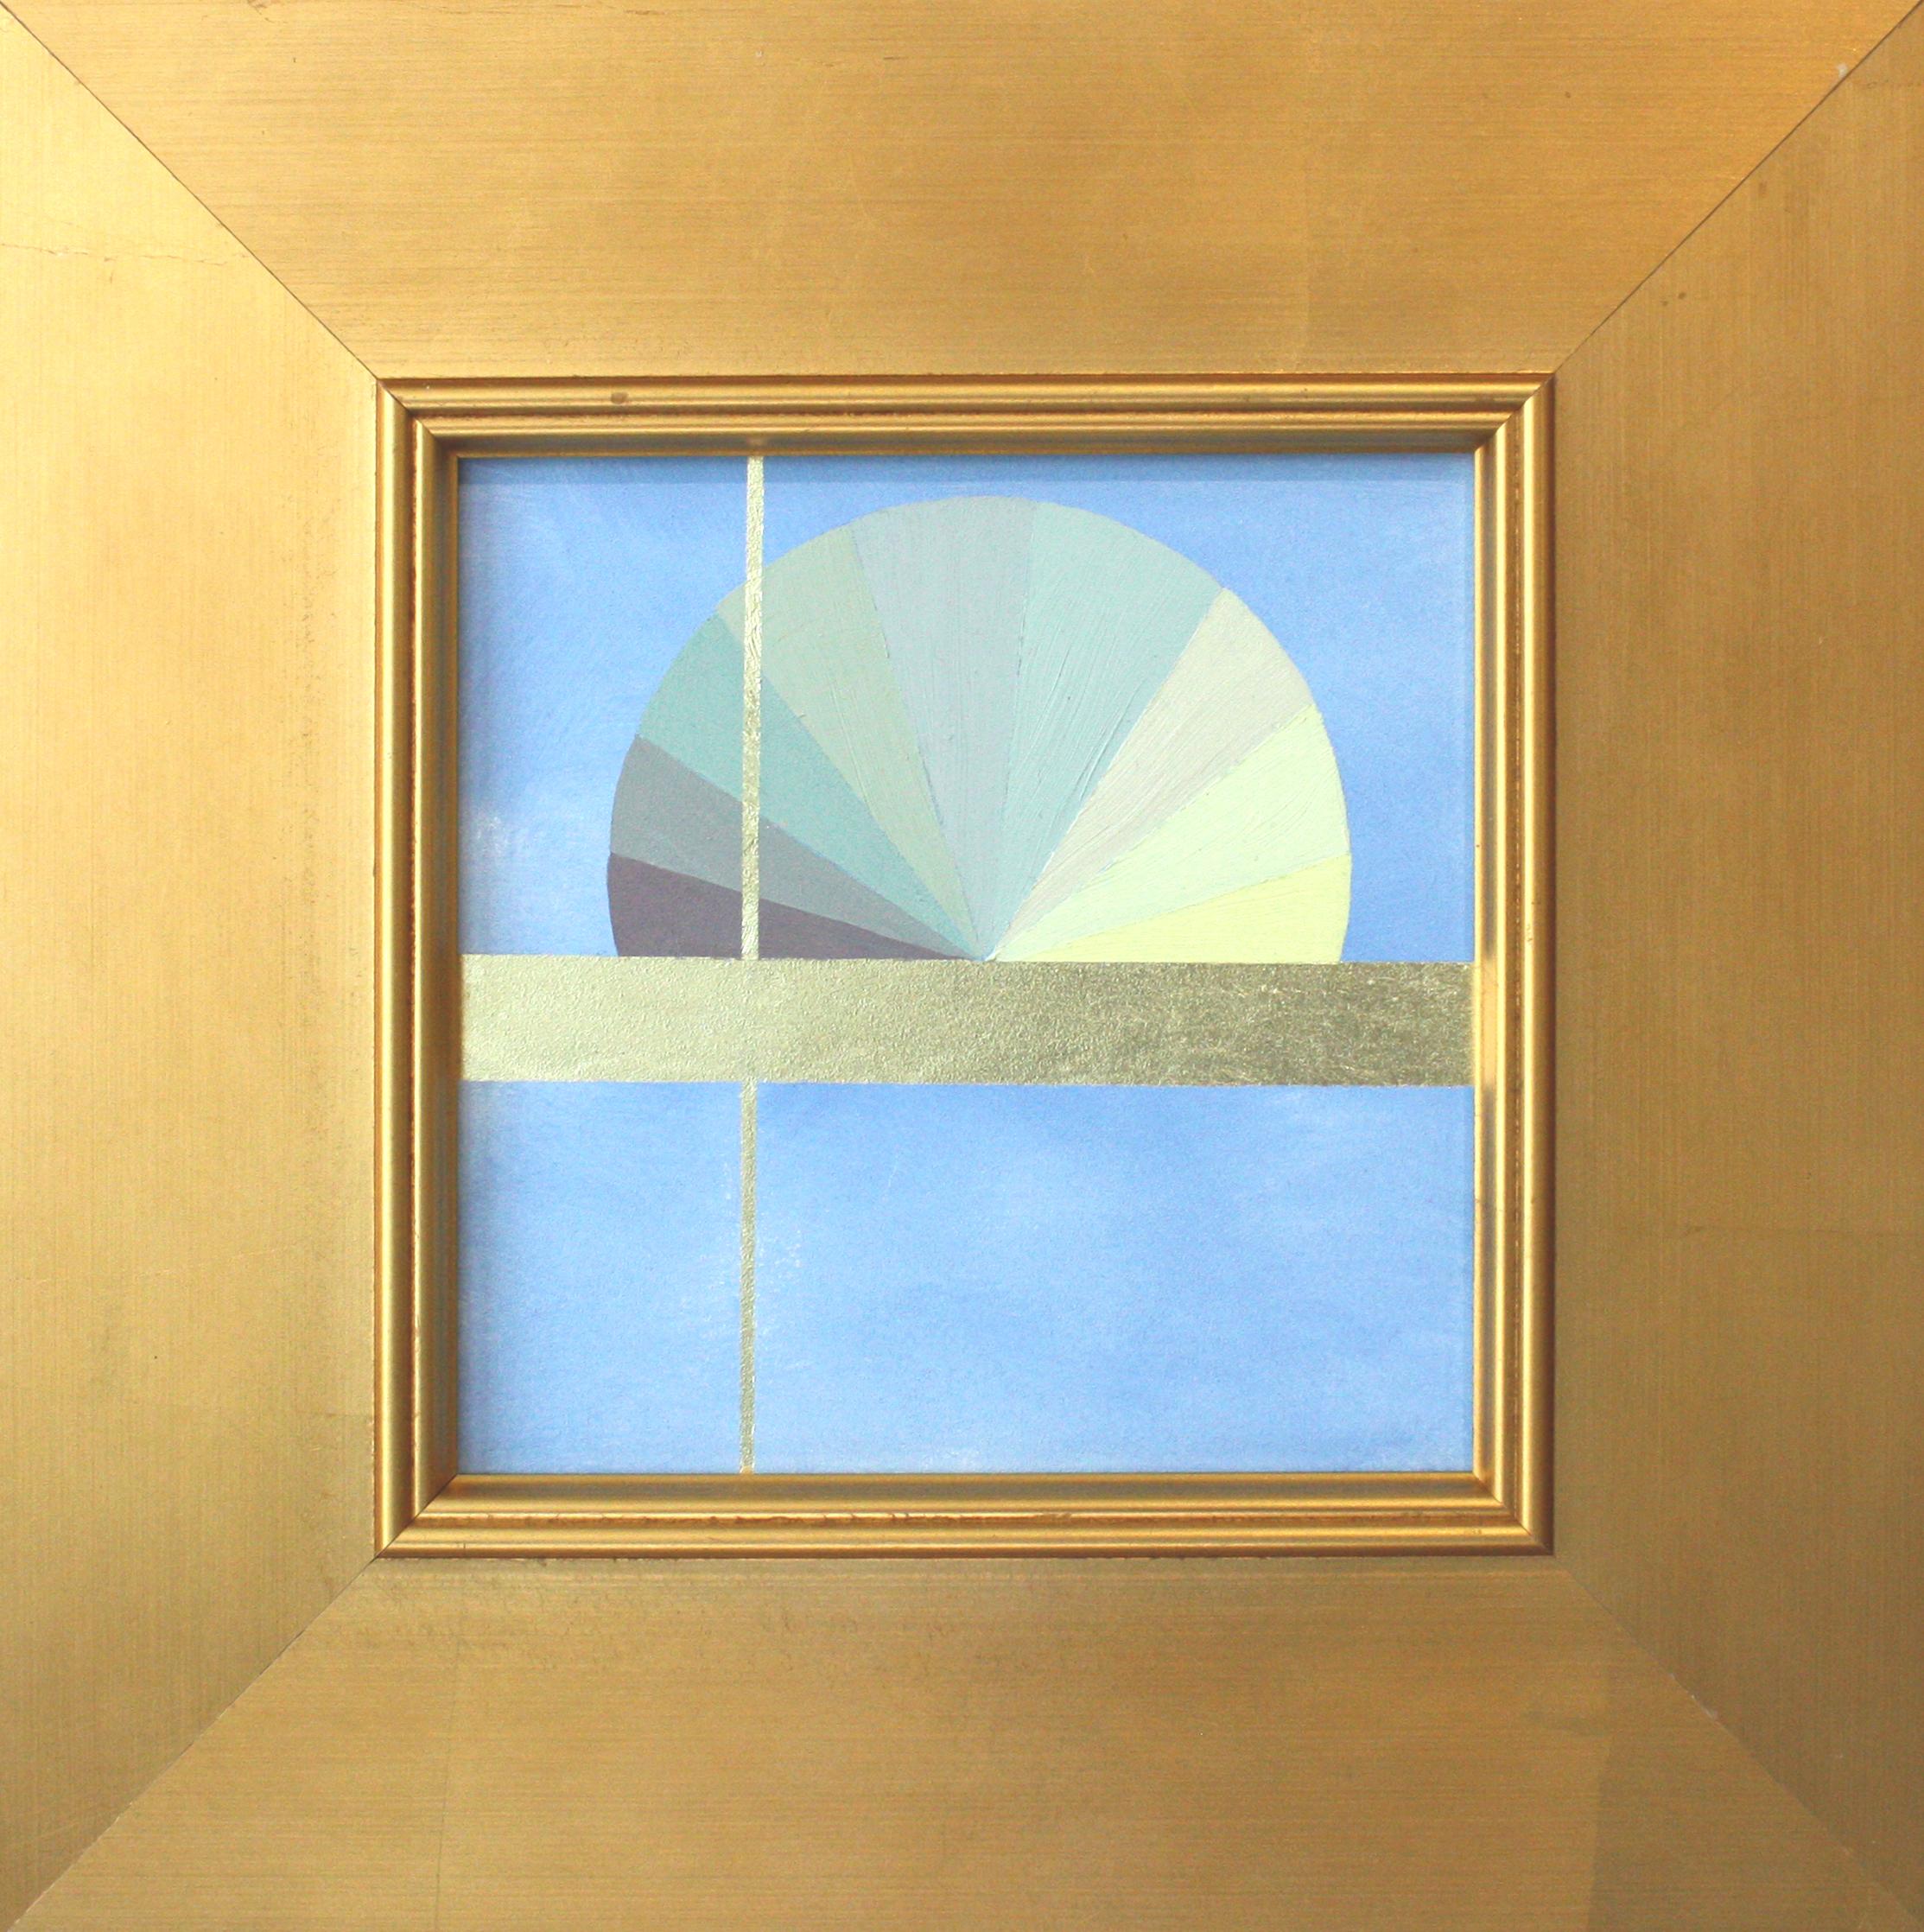 """Mantra G - 6"""" x 6"""" oil and gold leaf on panel, framed$450"""